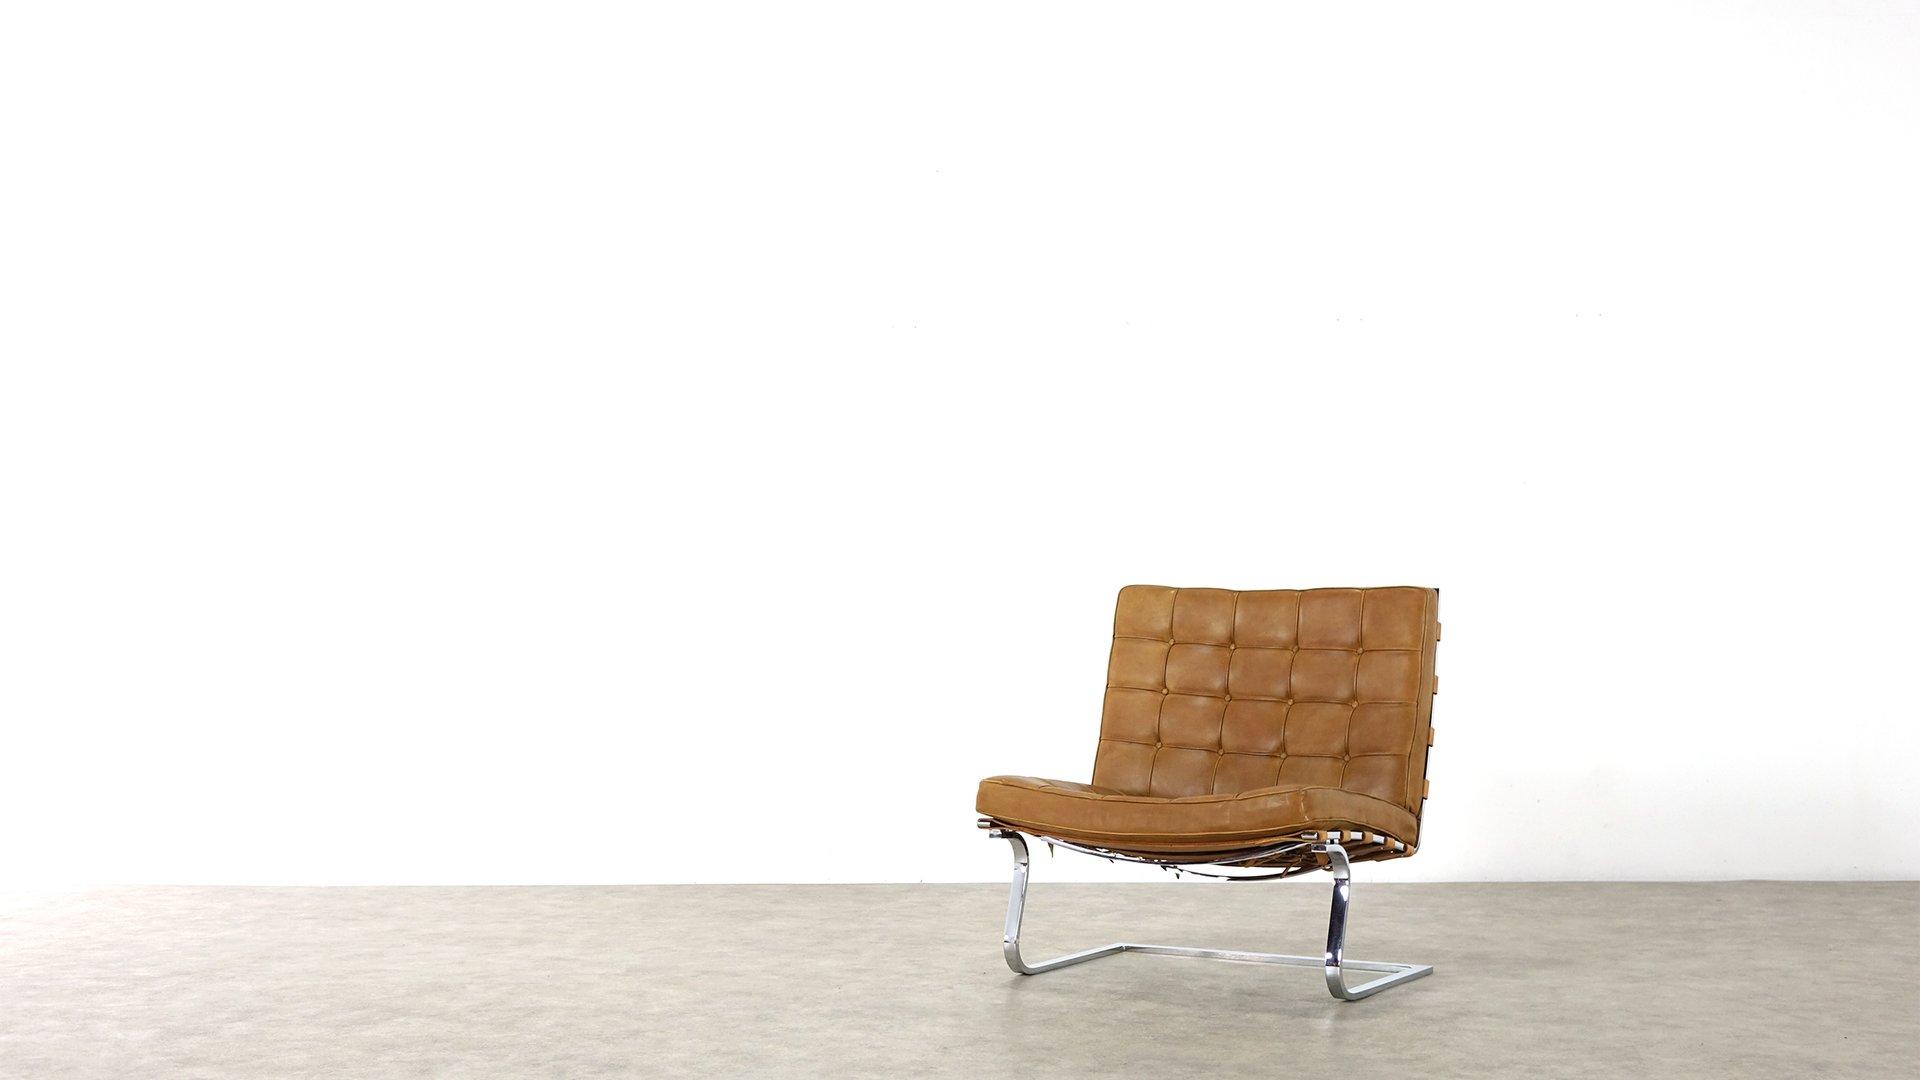 Sessel von Ludwig Mies van der Rohe für Knoll International, 1965